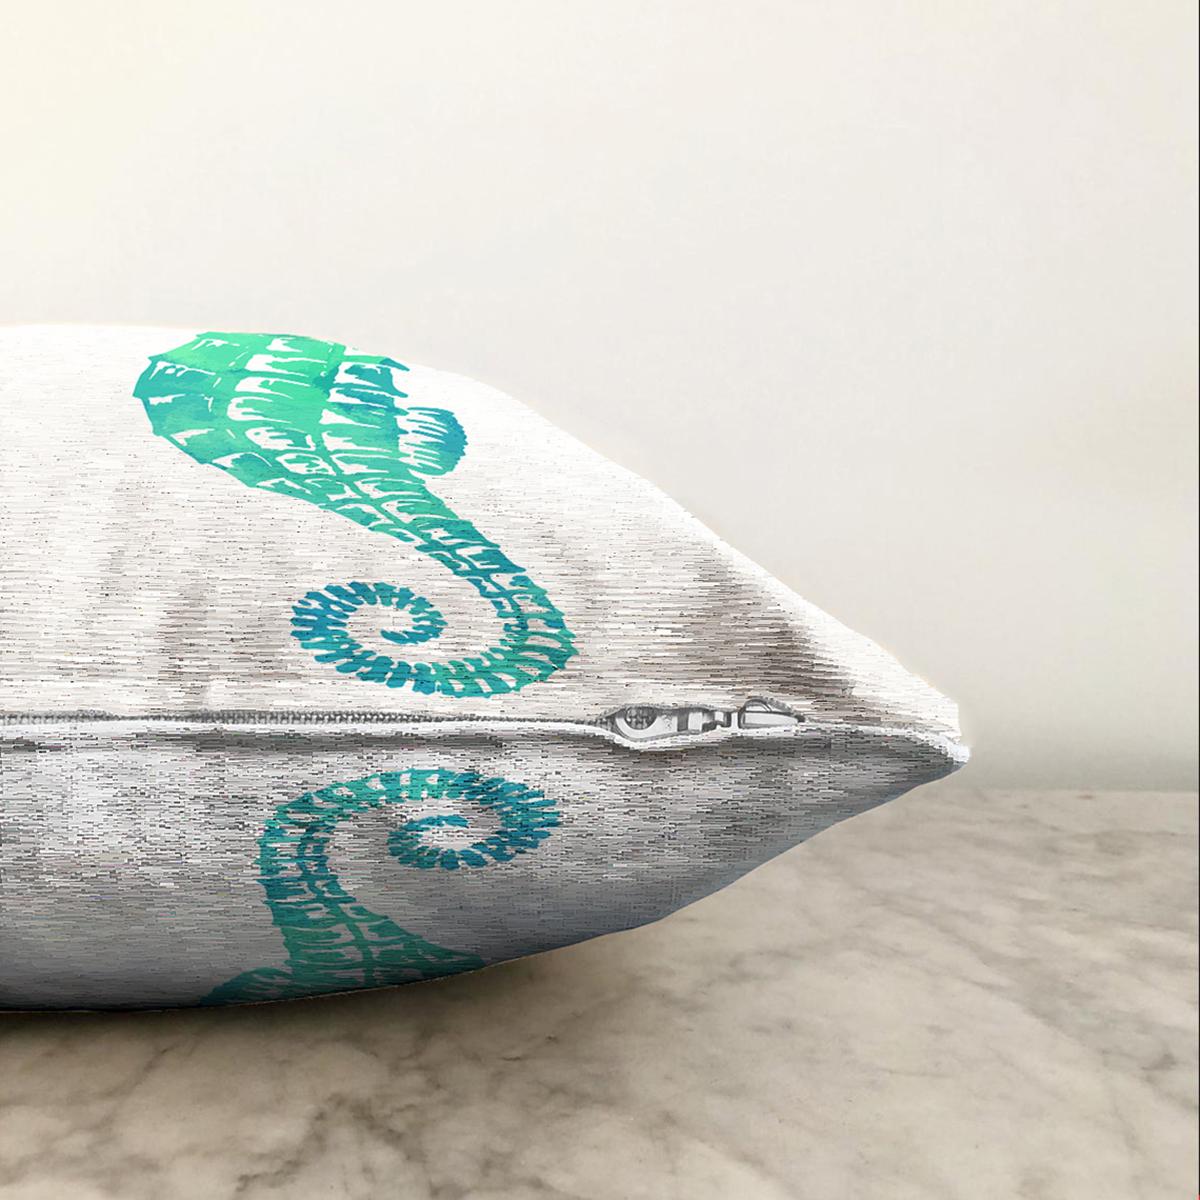 Çift Taraflı Beyaz Zeminde Yeşil Renkli Deniz Atı Desenli Dijital Baskılı Modern Şönil Kırlent Kılıfı Realhomes